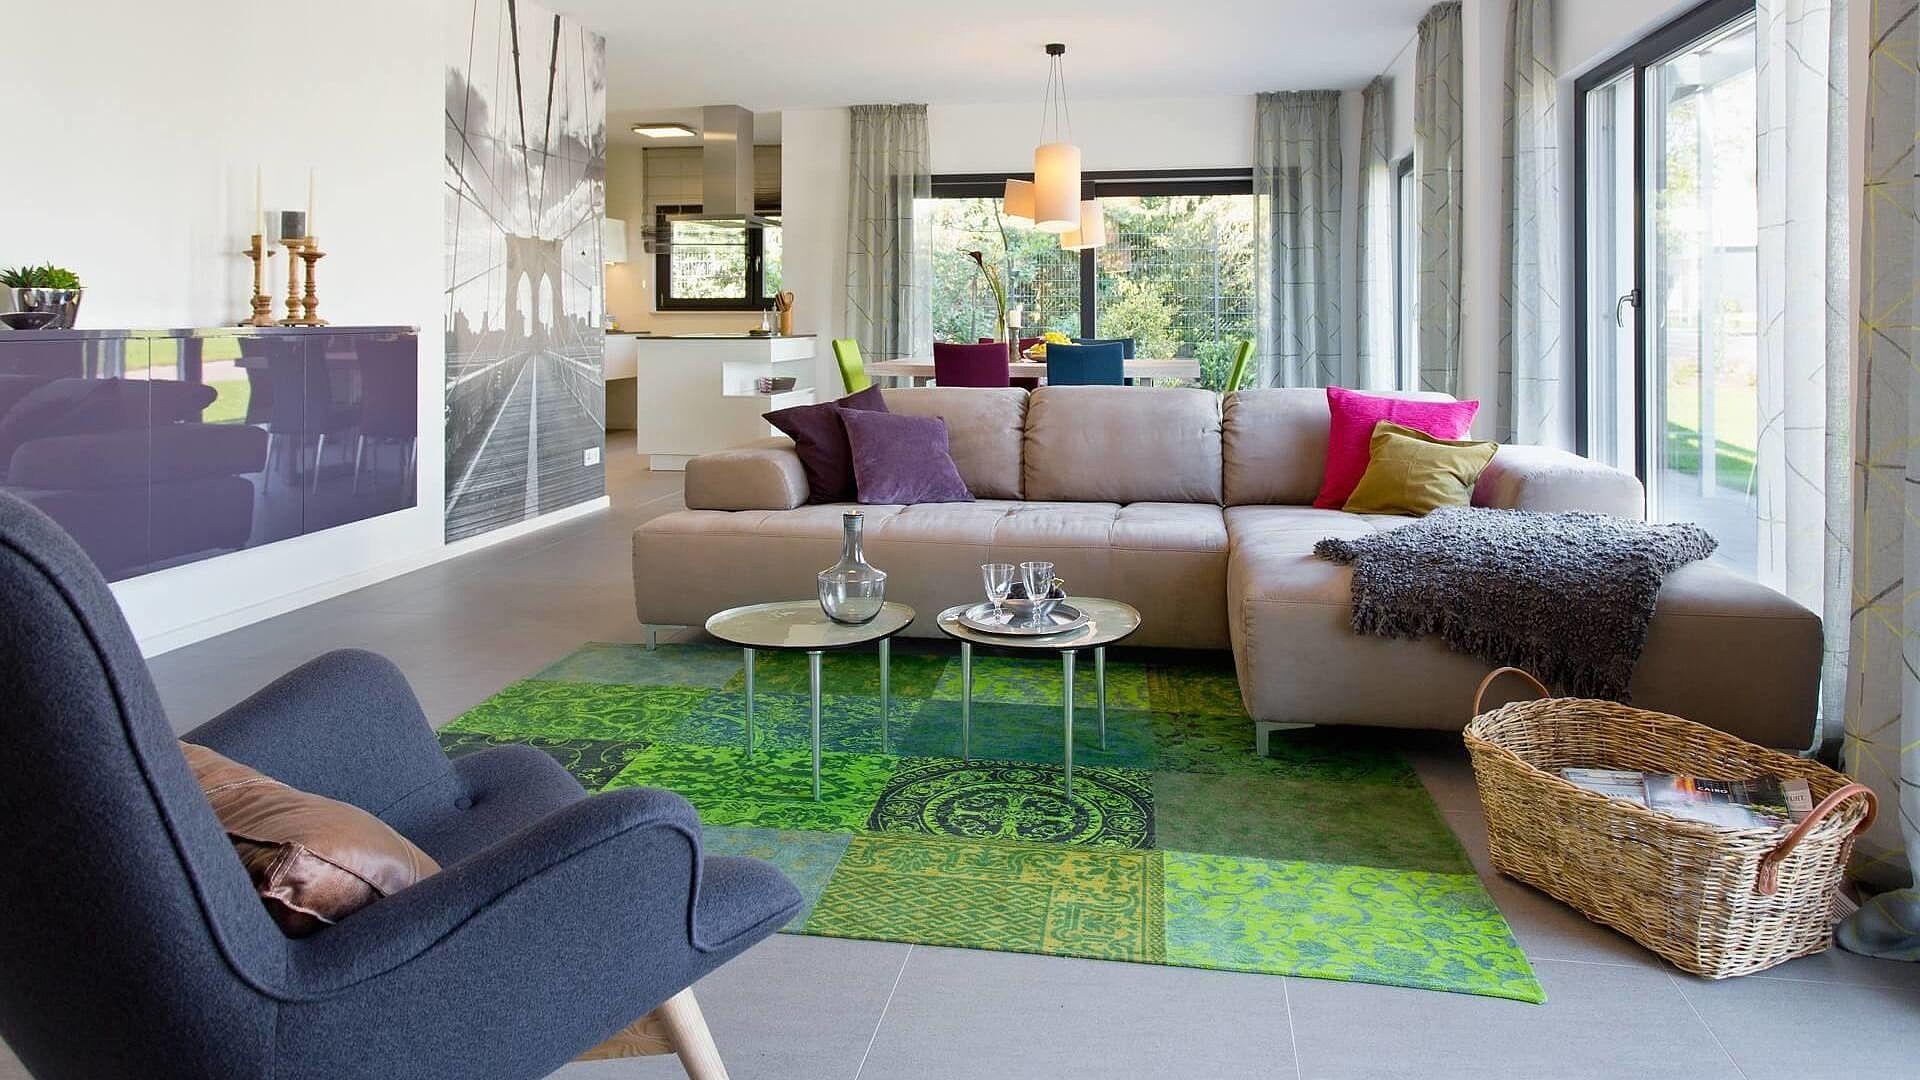 Wohnzimmer Helle Wände Bodentiefe Fenster Grüner Teppich Beige Couch Bunte  Kissen Grauer Sessel Wandfoto